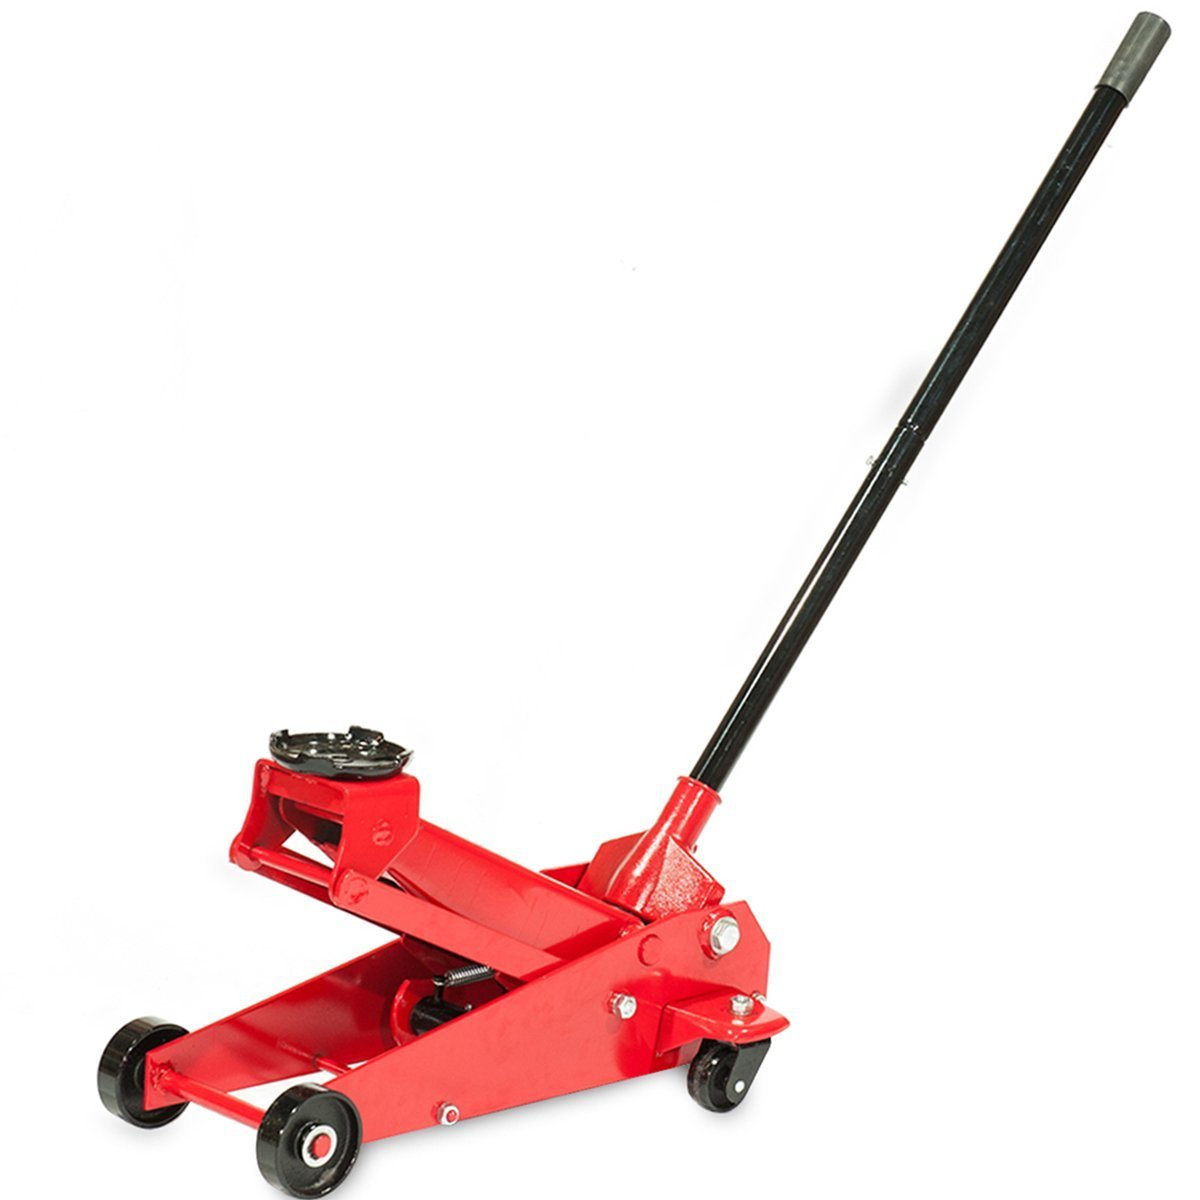 Cric idraulico a carrello marche funzionamento e prezzi for Cric idraulico a carrello professionale prezzi